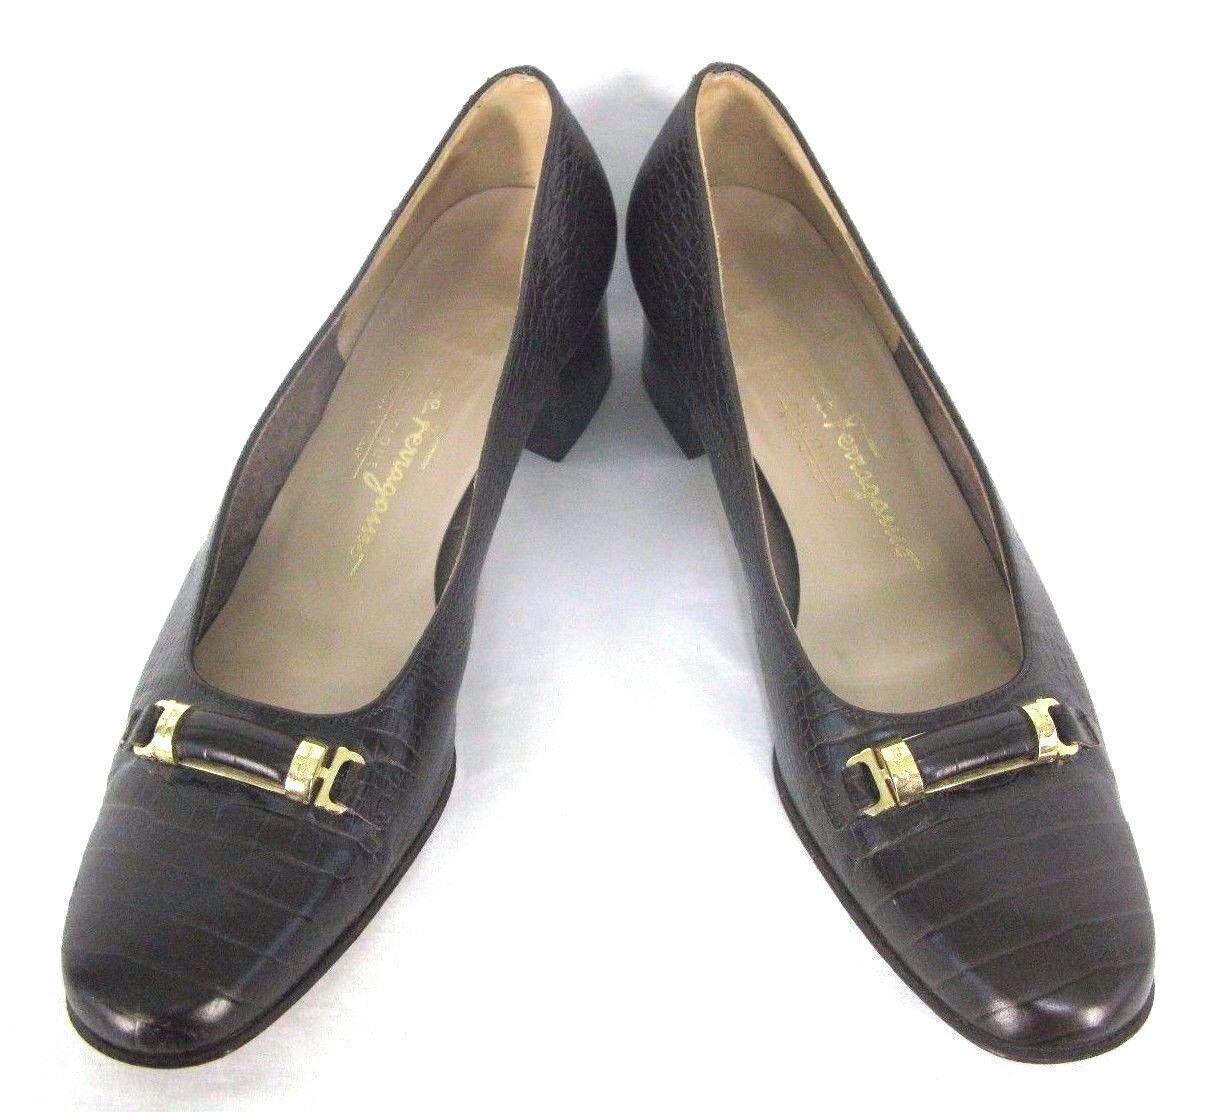 Salvatore Ferragamo schuhe Sz 8.5 AA braun Leather Croc Embossed Pump 1.75  Heel